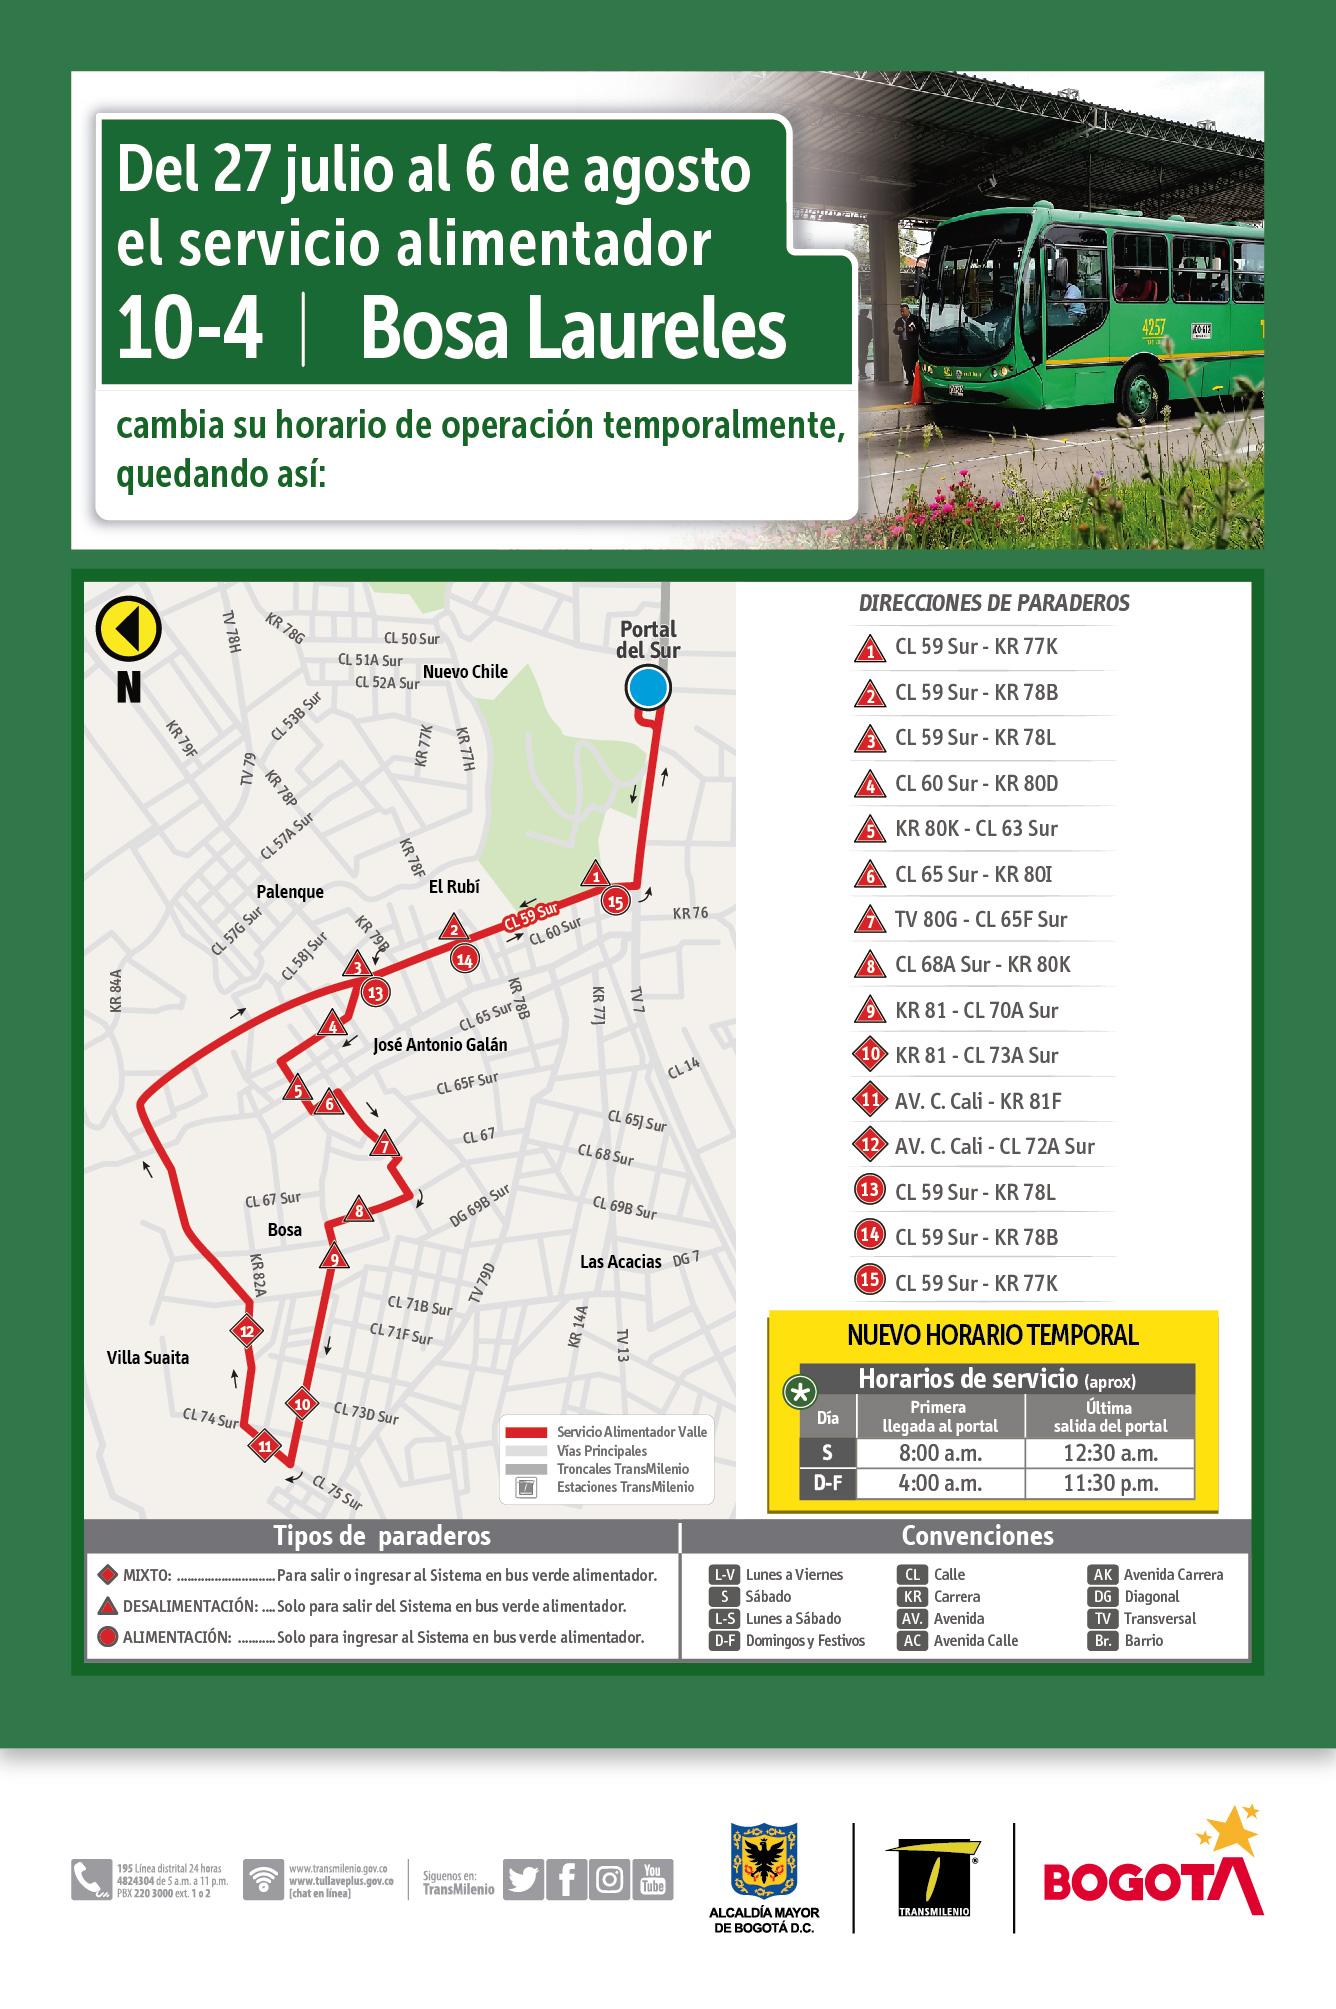 Mapa de la ruta 10-4 hora valle y el horario temporal de funcionamiento